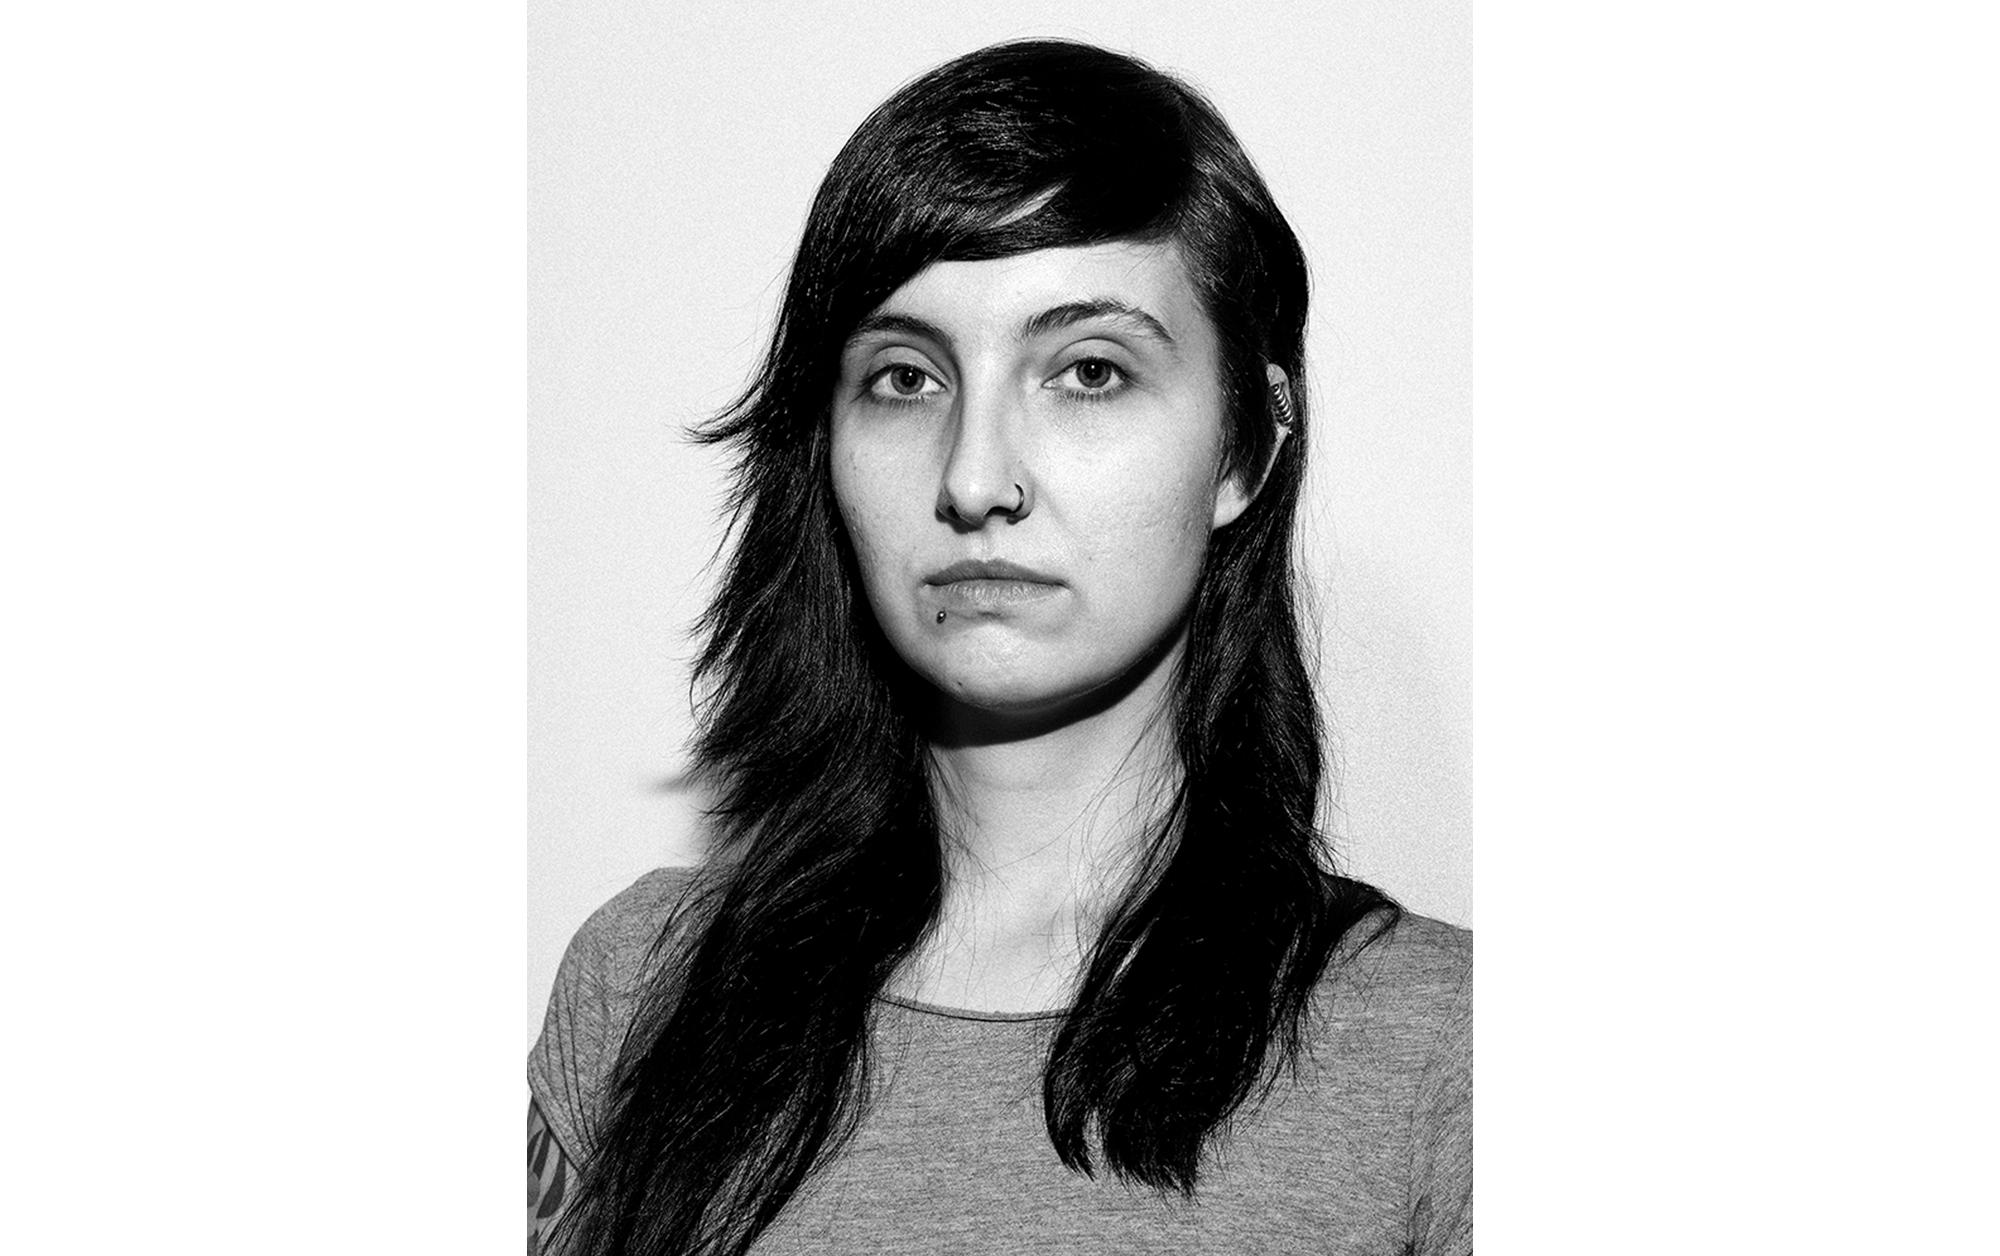 今年注目を集めた写真集を振り返る「The Paris Photo – Aperture Foundation Photobook Award 2018」 | Portrait of Magdalena, 32, Poland